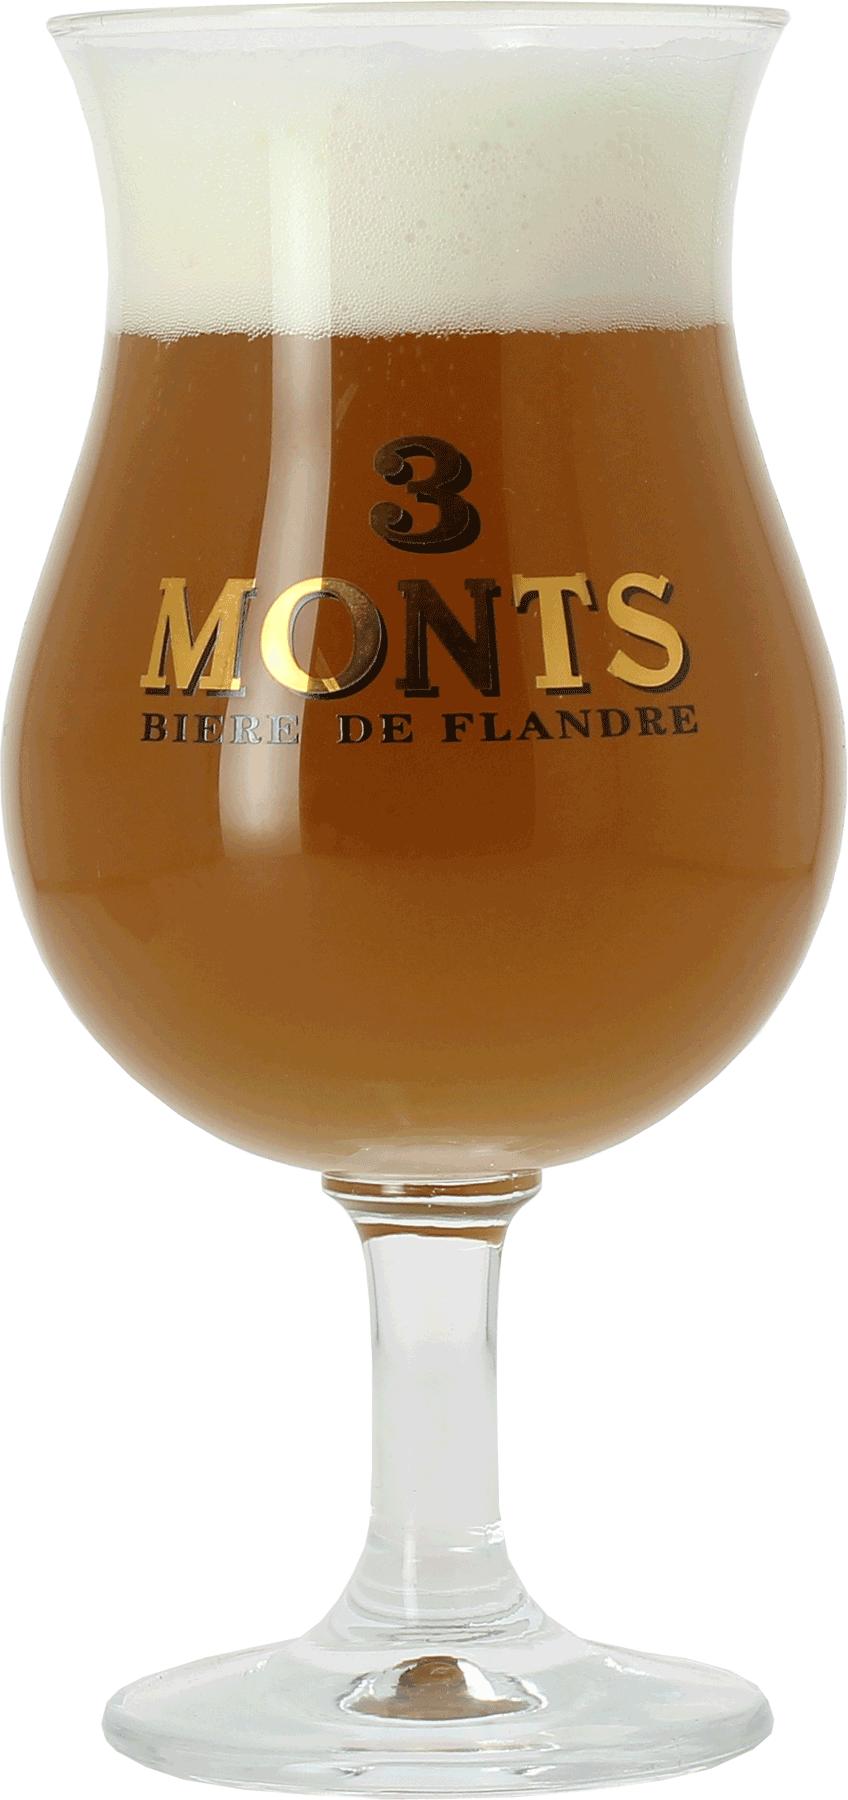 Copa 3 Monts - 25cl